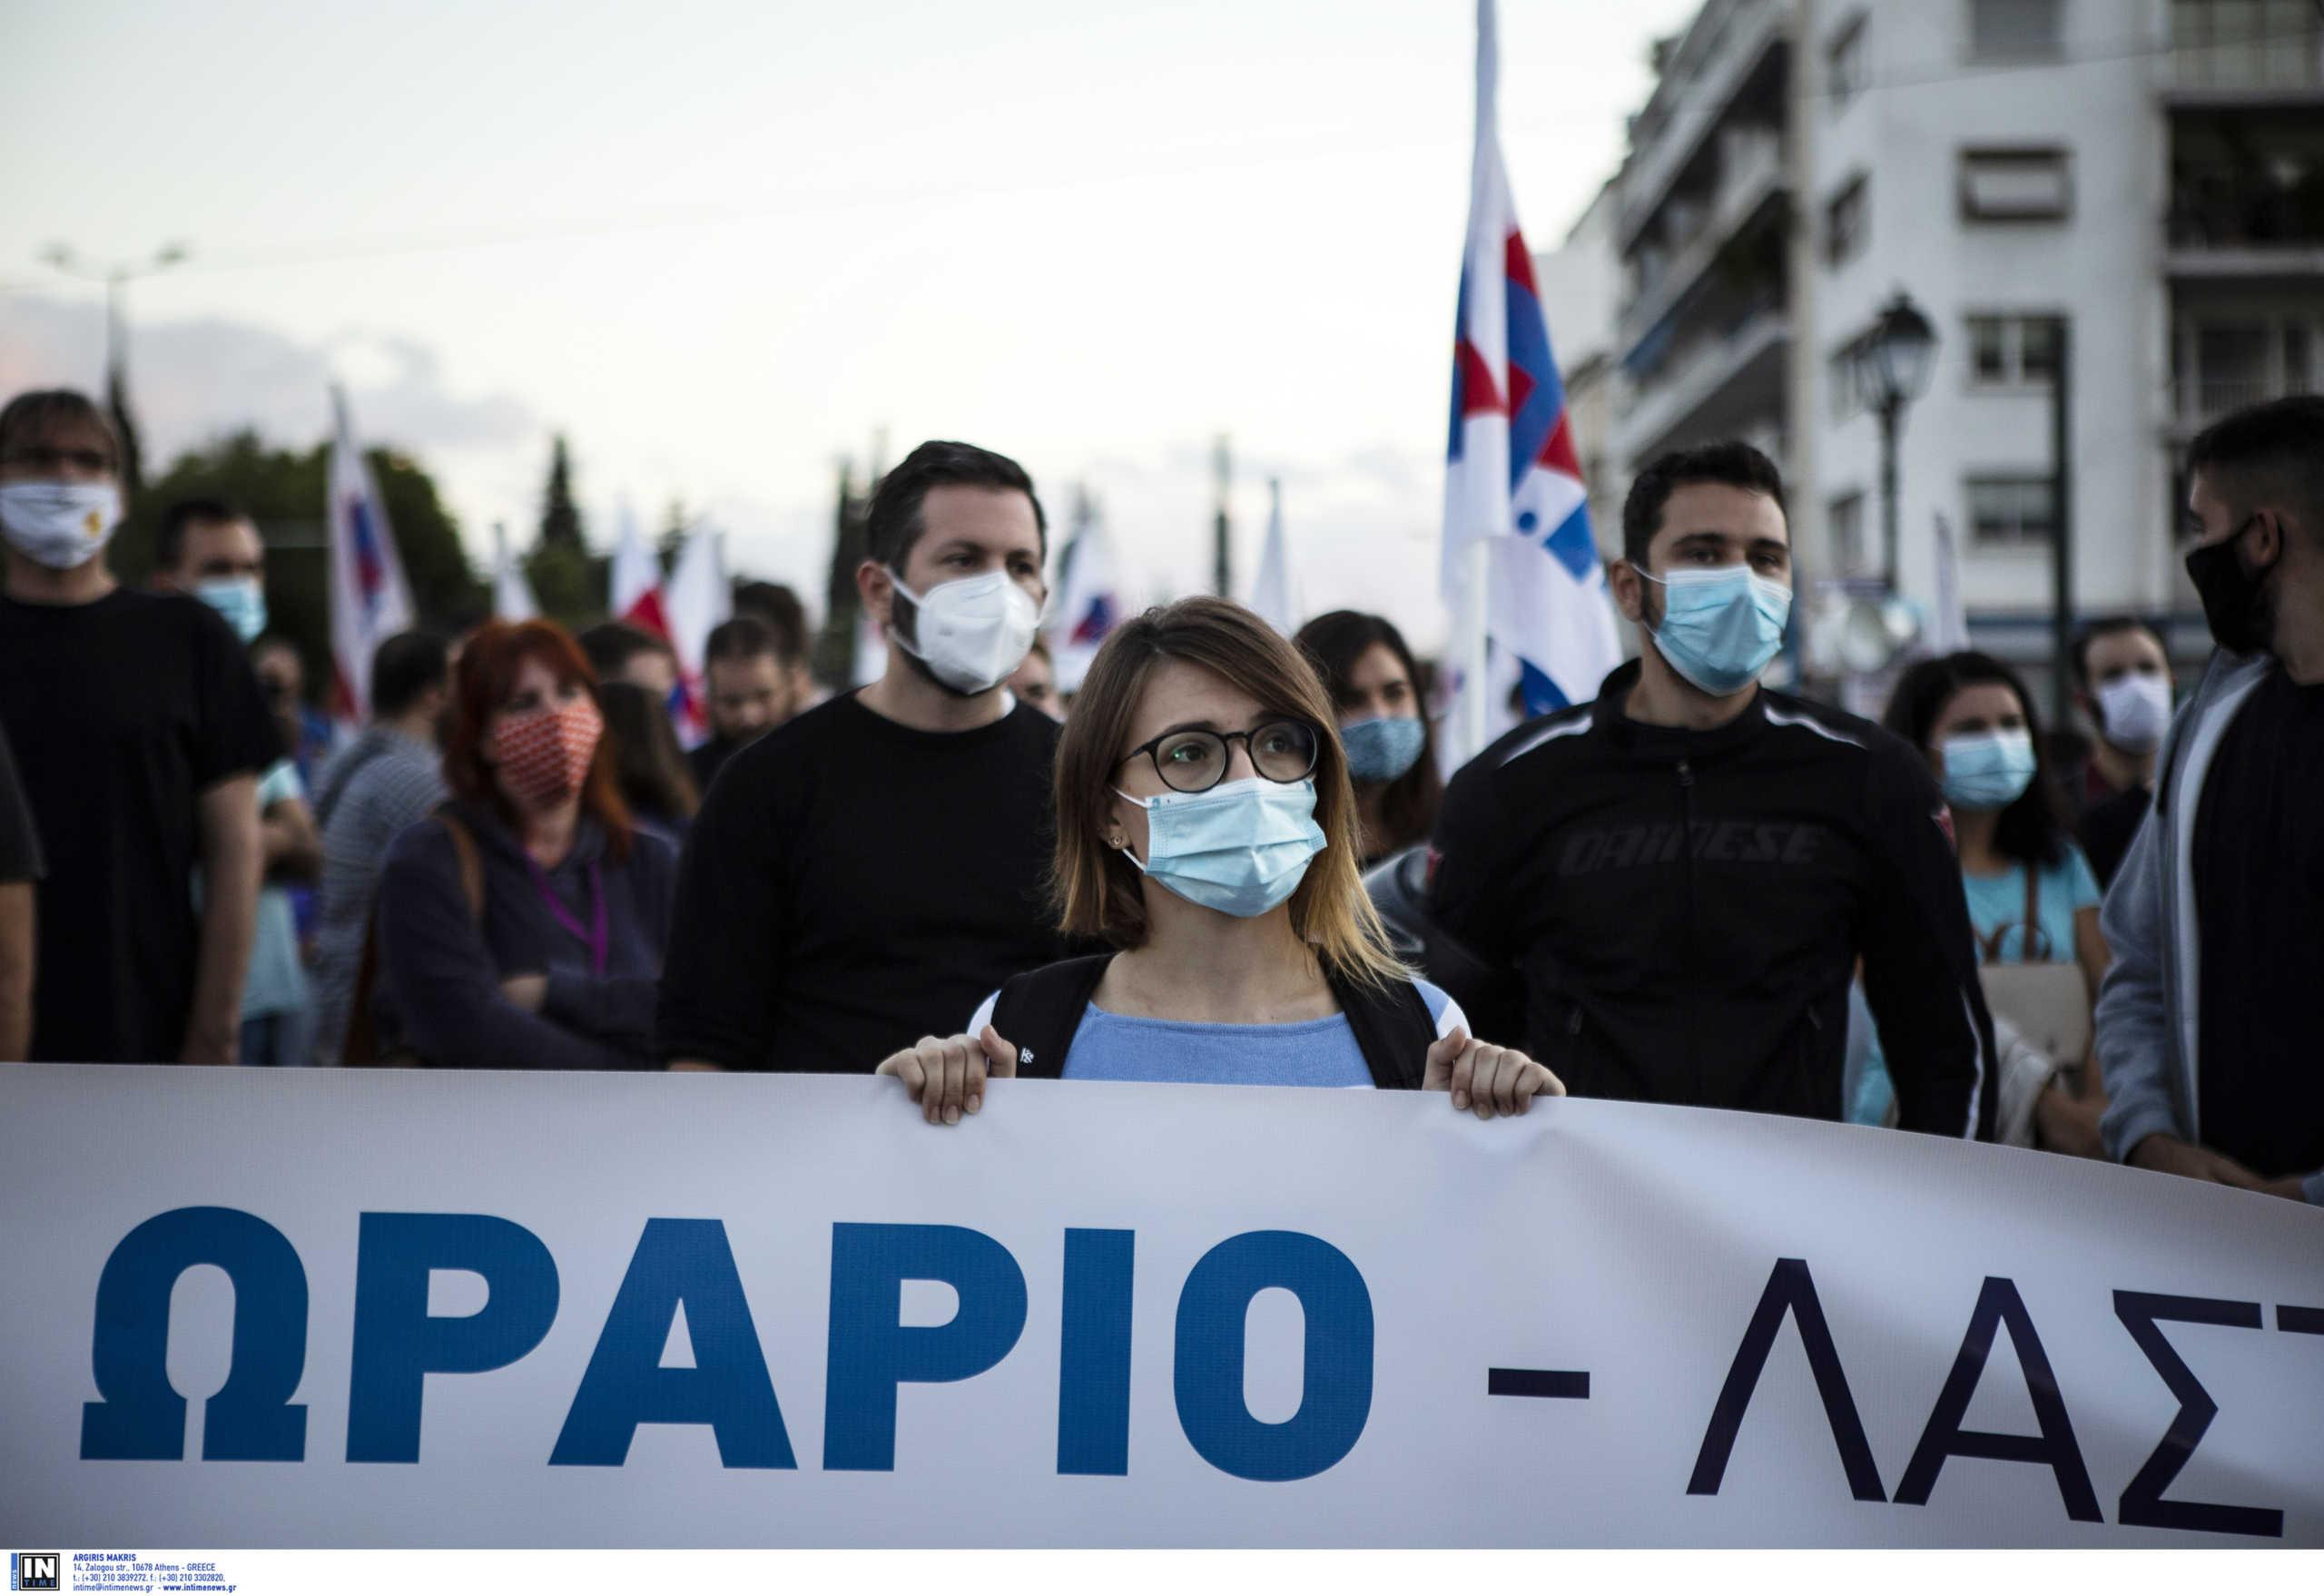 Συλλαλητήριο του ΠΑΜΕ στο Σύνταγμα –  Ζήτησαν την προστασία της δημόσιας υγείας και των δικαιωμάτων του λαού (pics)